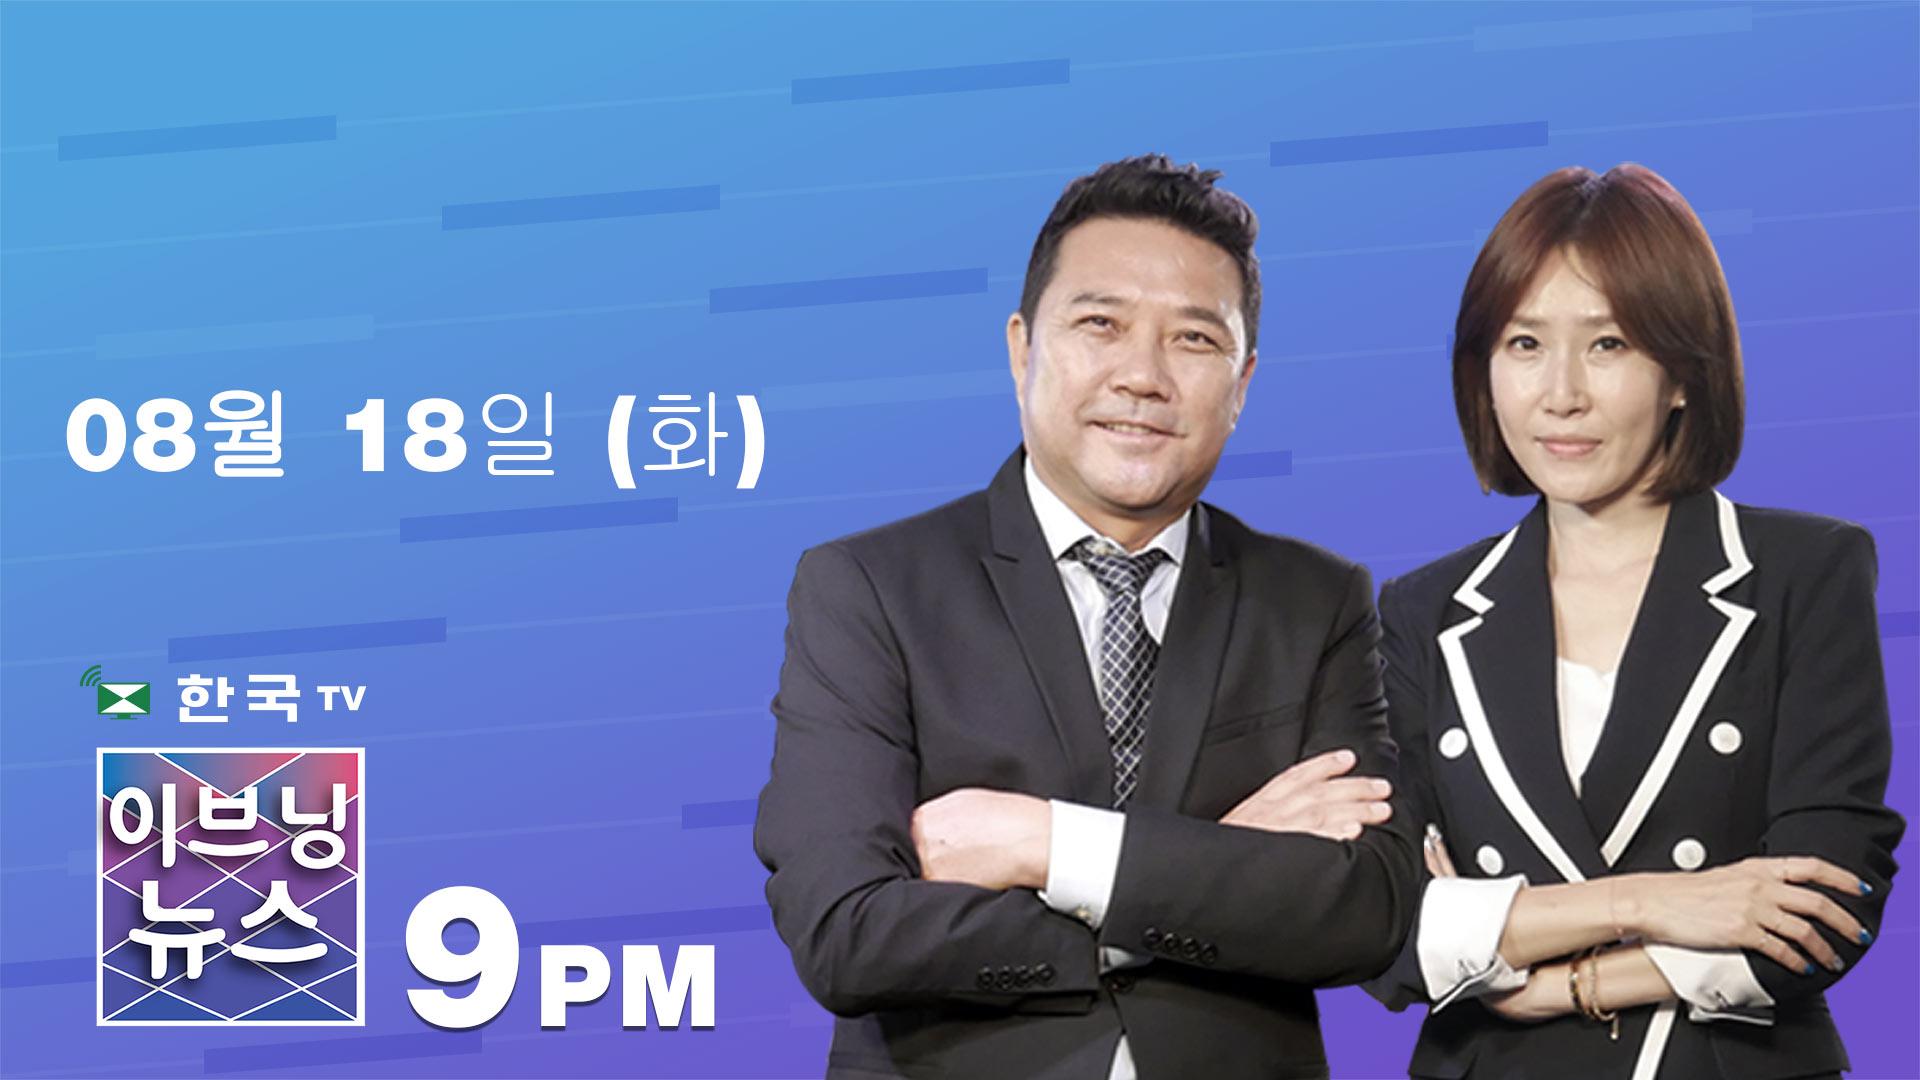 (08.18.2020) 한국TV 이브닝 뉴스